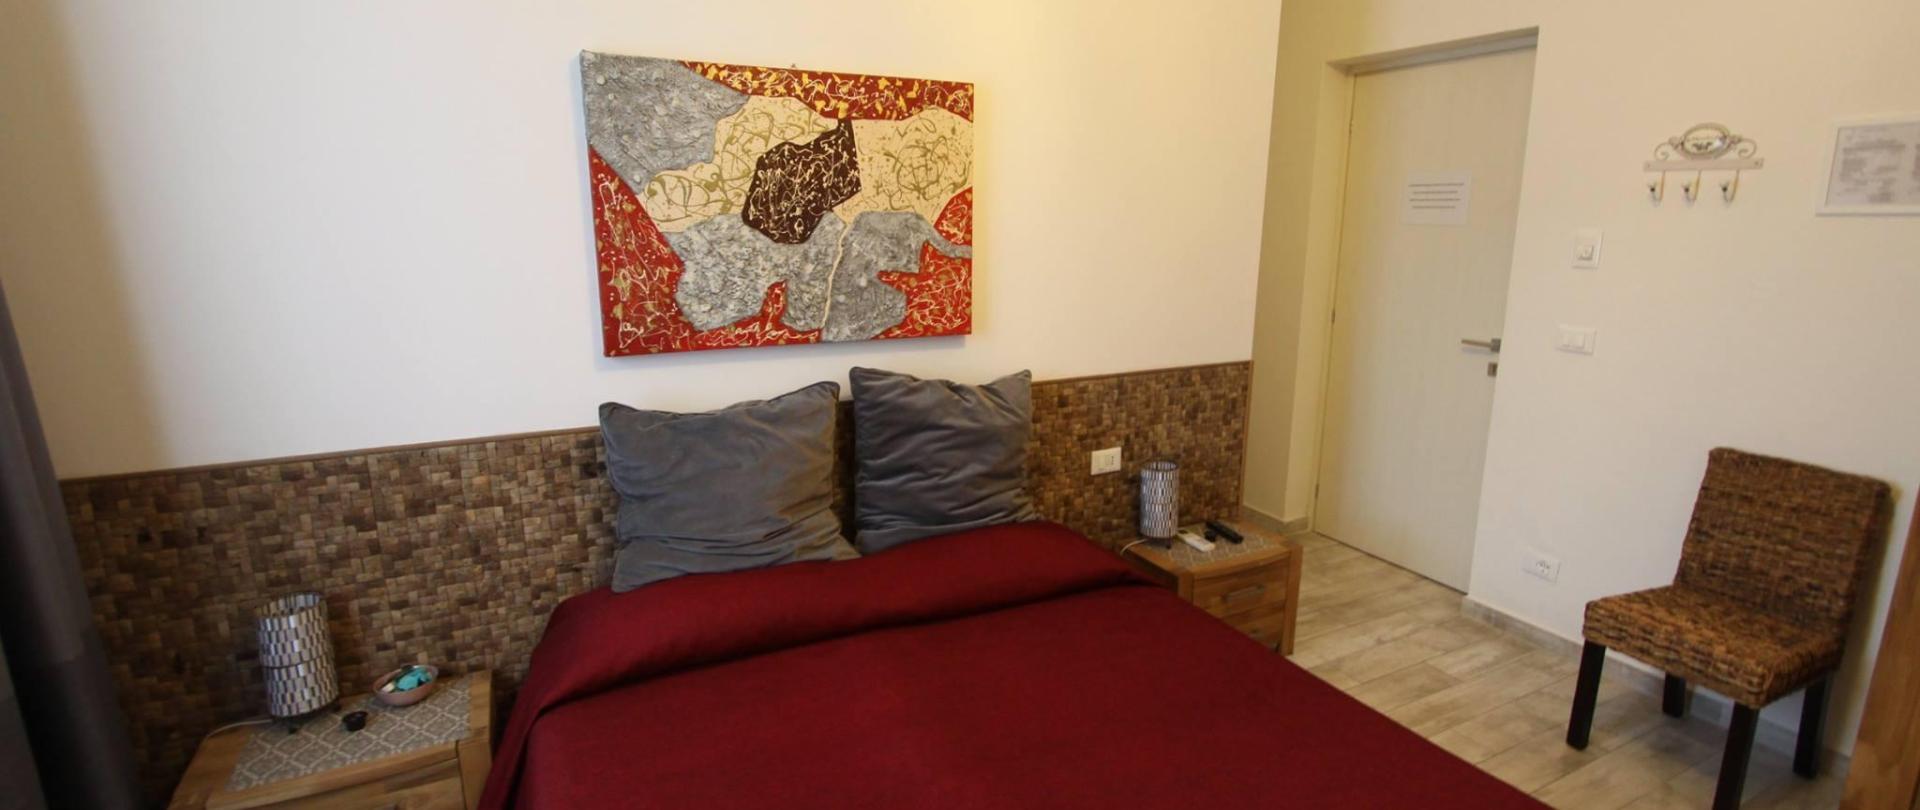 La Spezia Holidays' Rooms